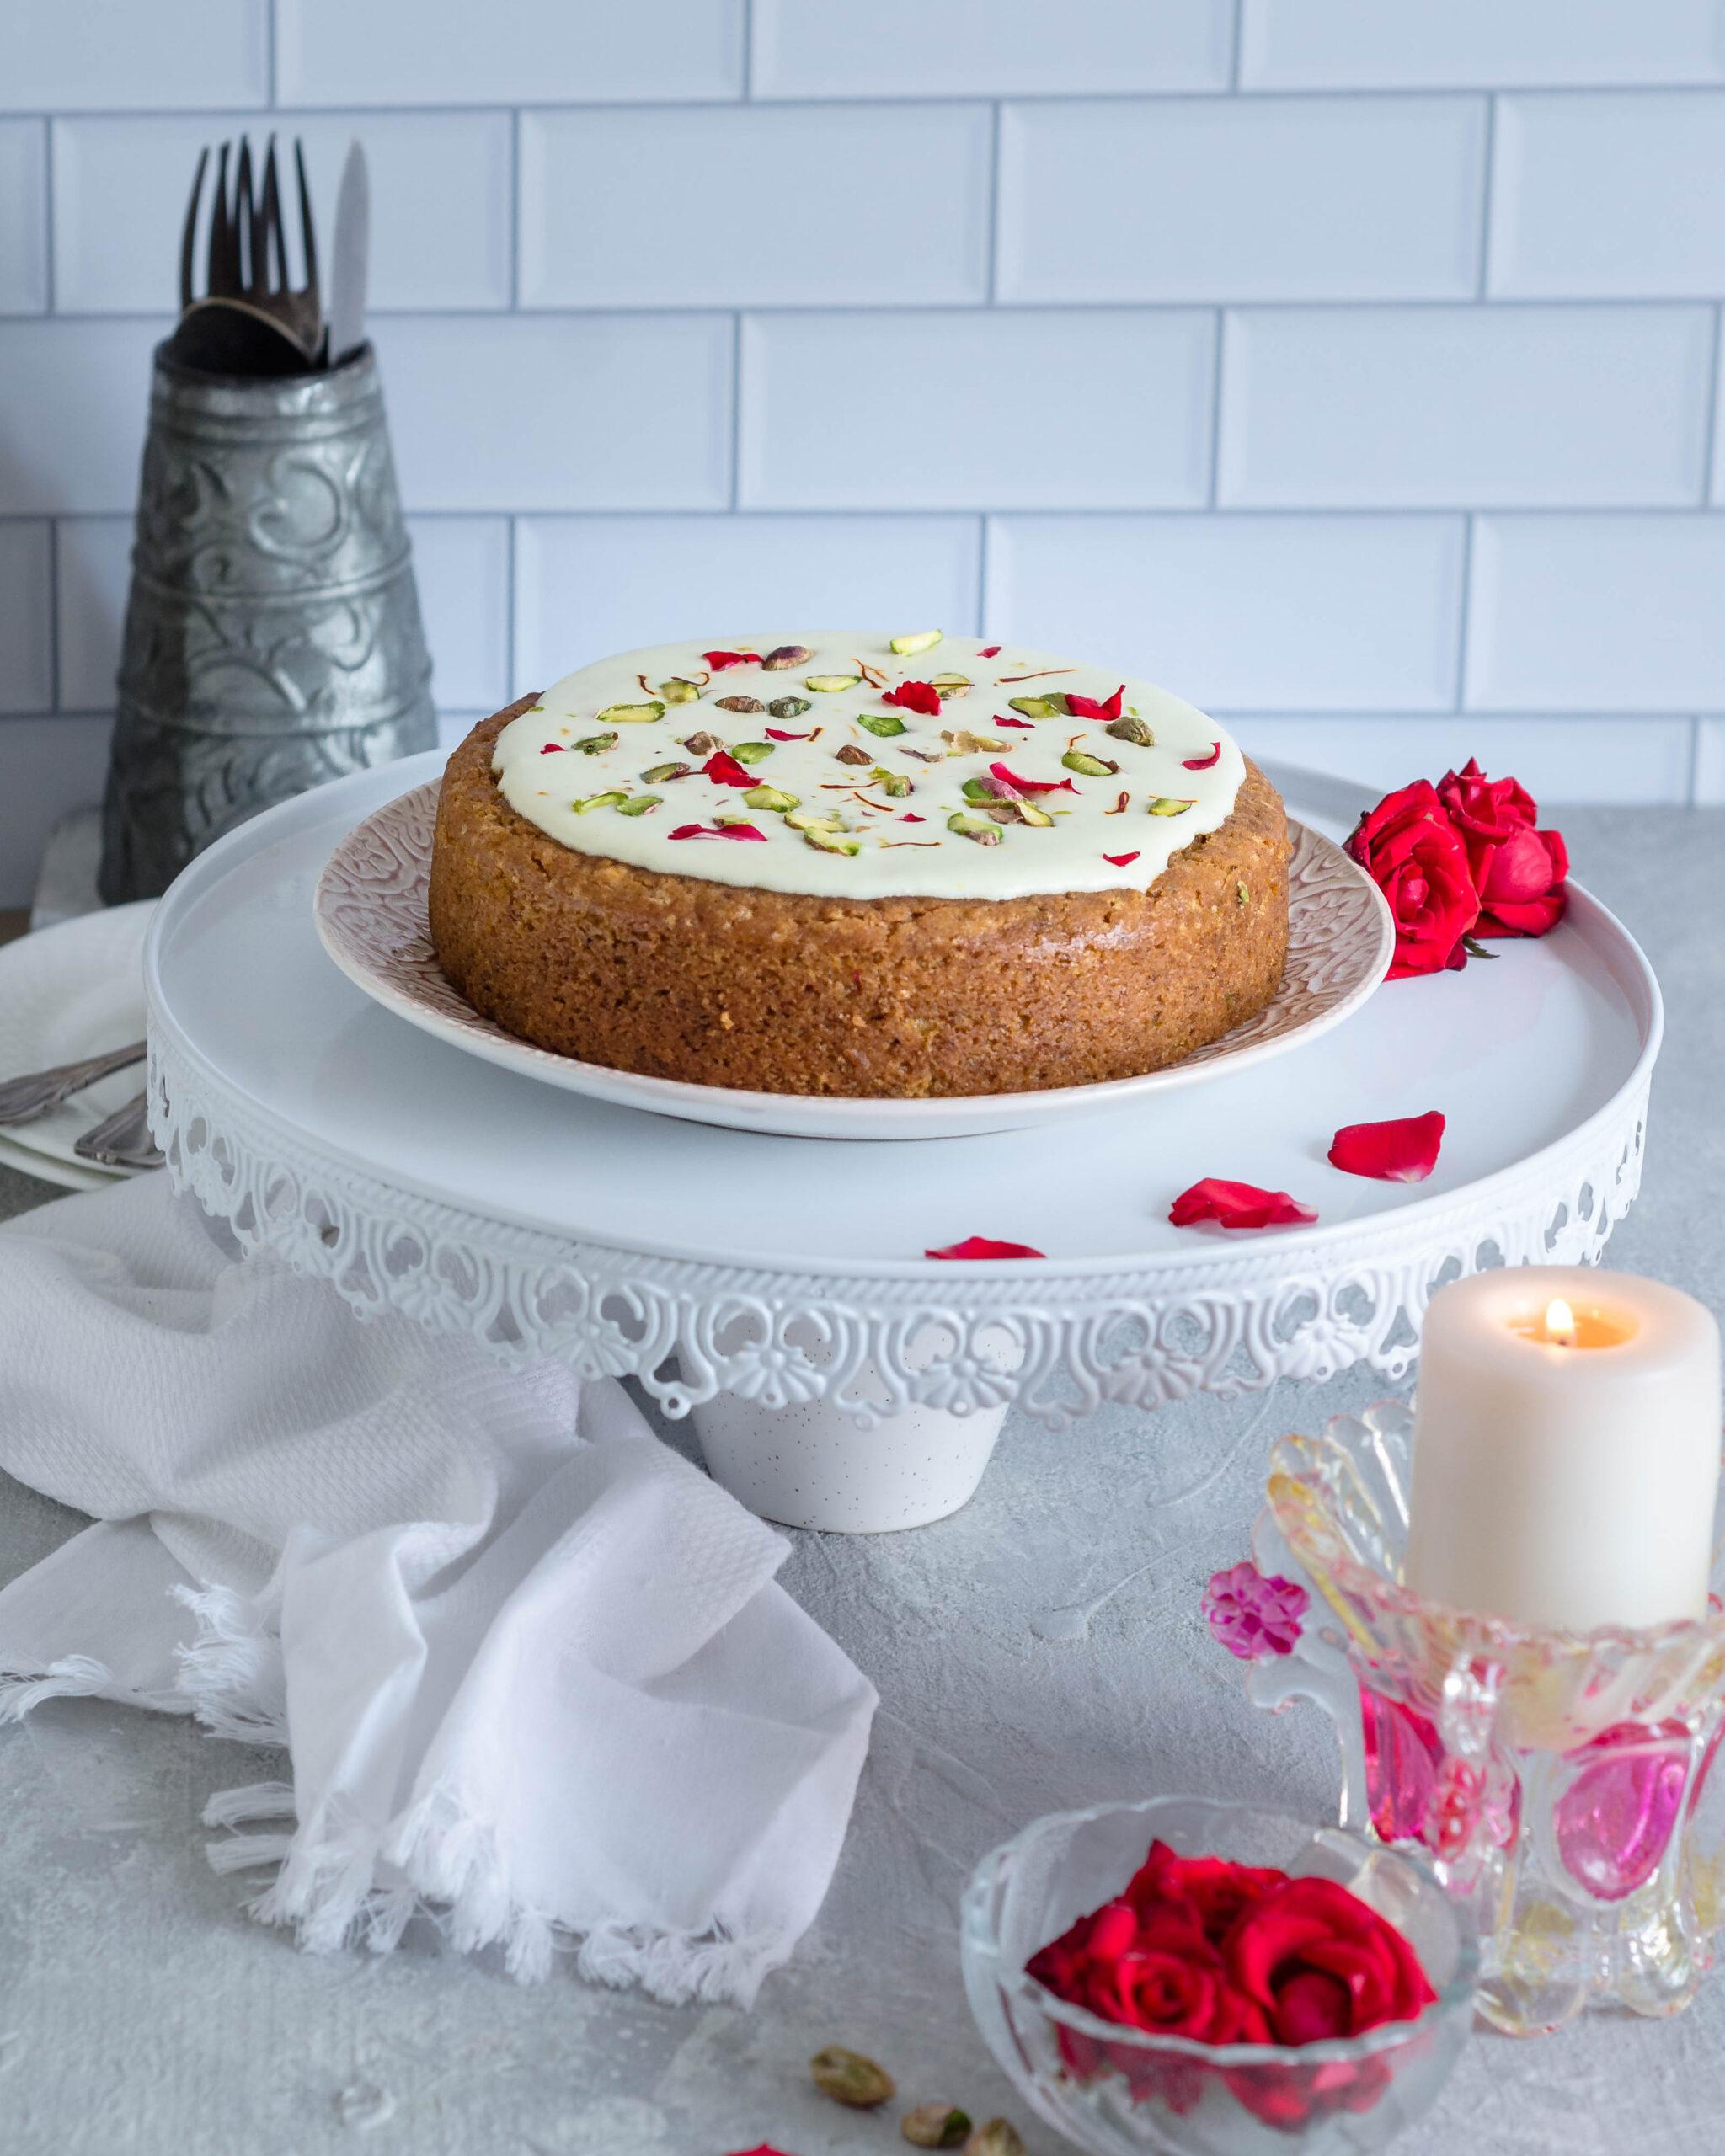 mawa cake, easy mawa cake, eggless Pistachio mawa cake, easy eggless mawa cake, easy cake recipes